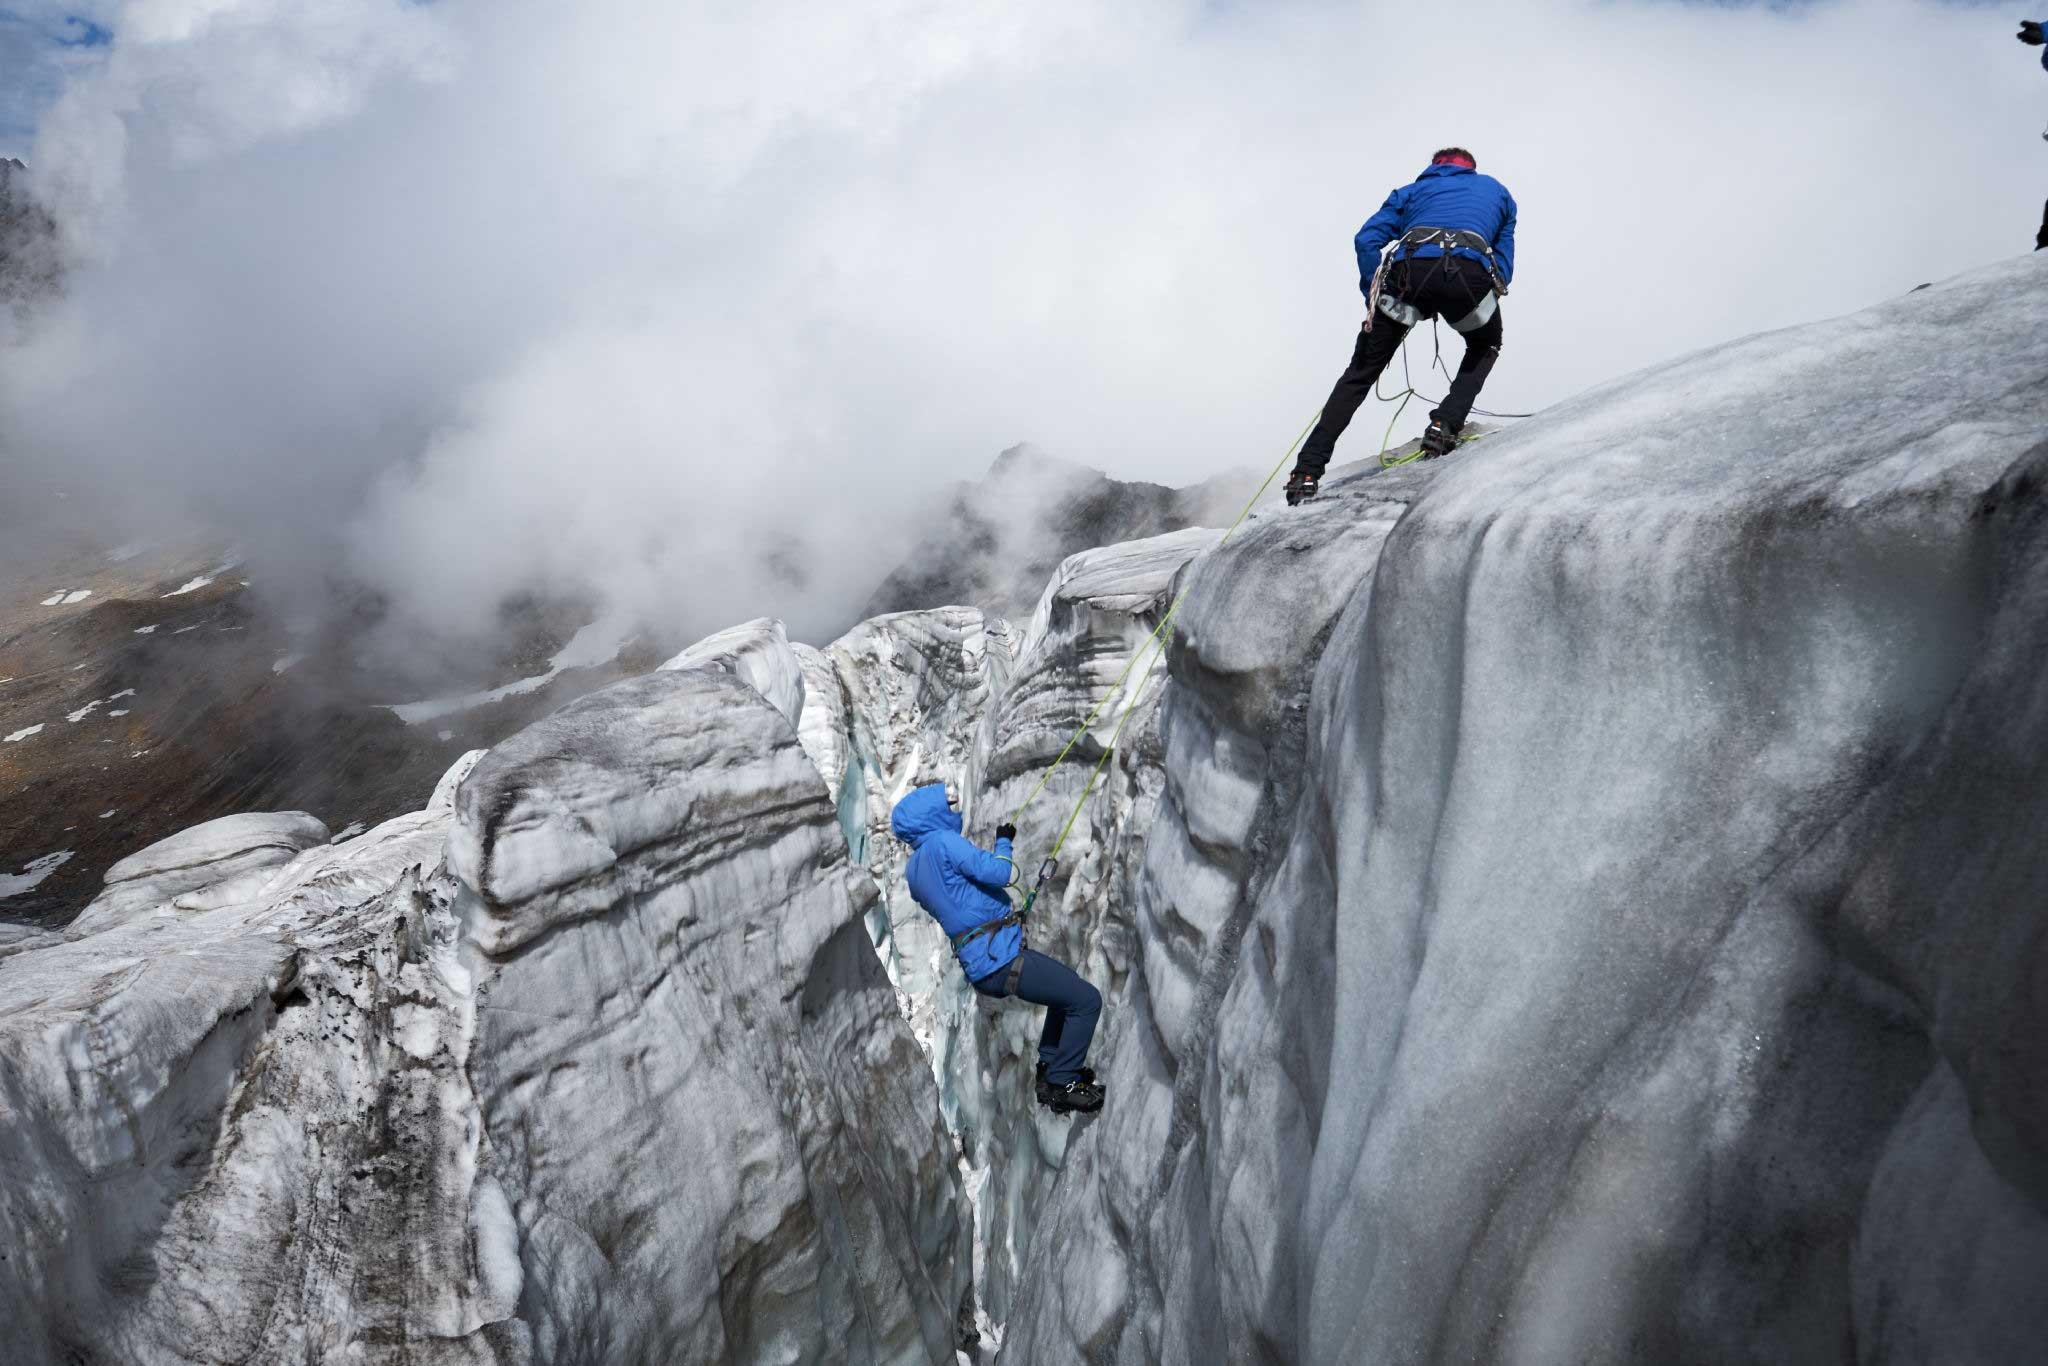 Bergeübung am Gletscher - Salewa GET Vertical Obergurgl-Hochgurgl